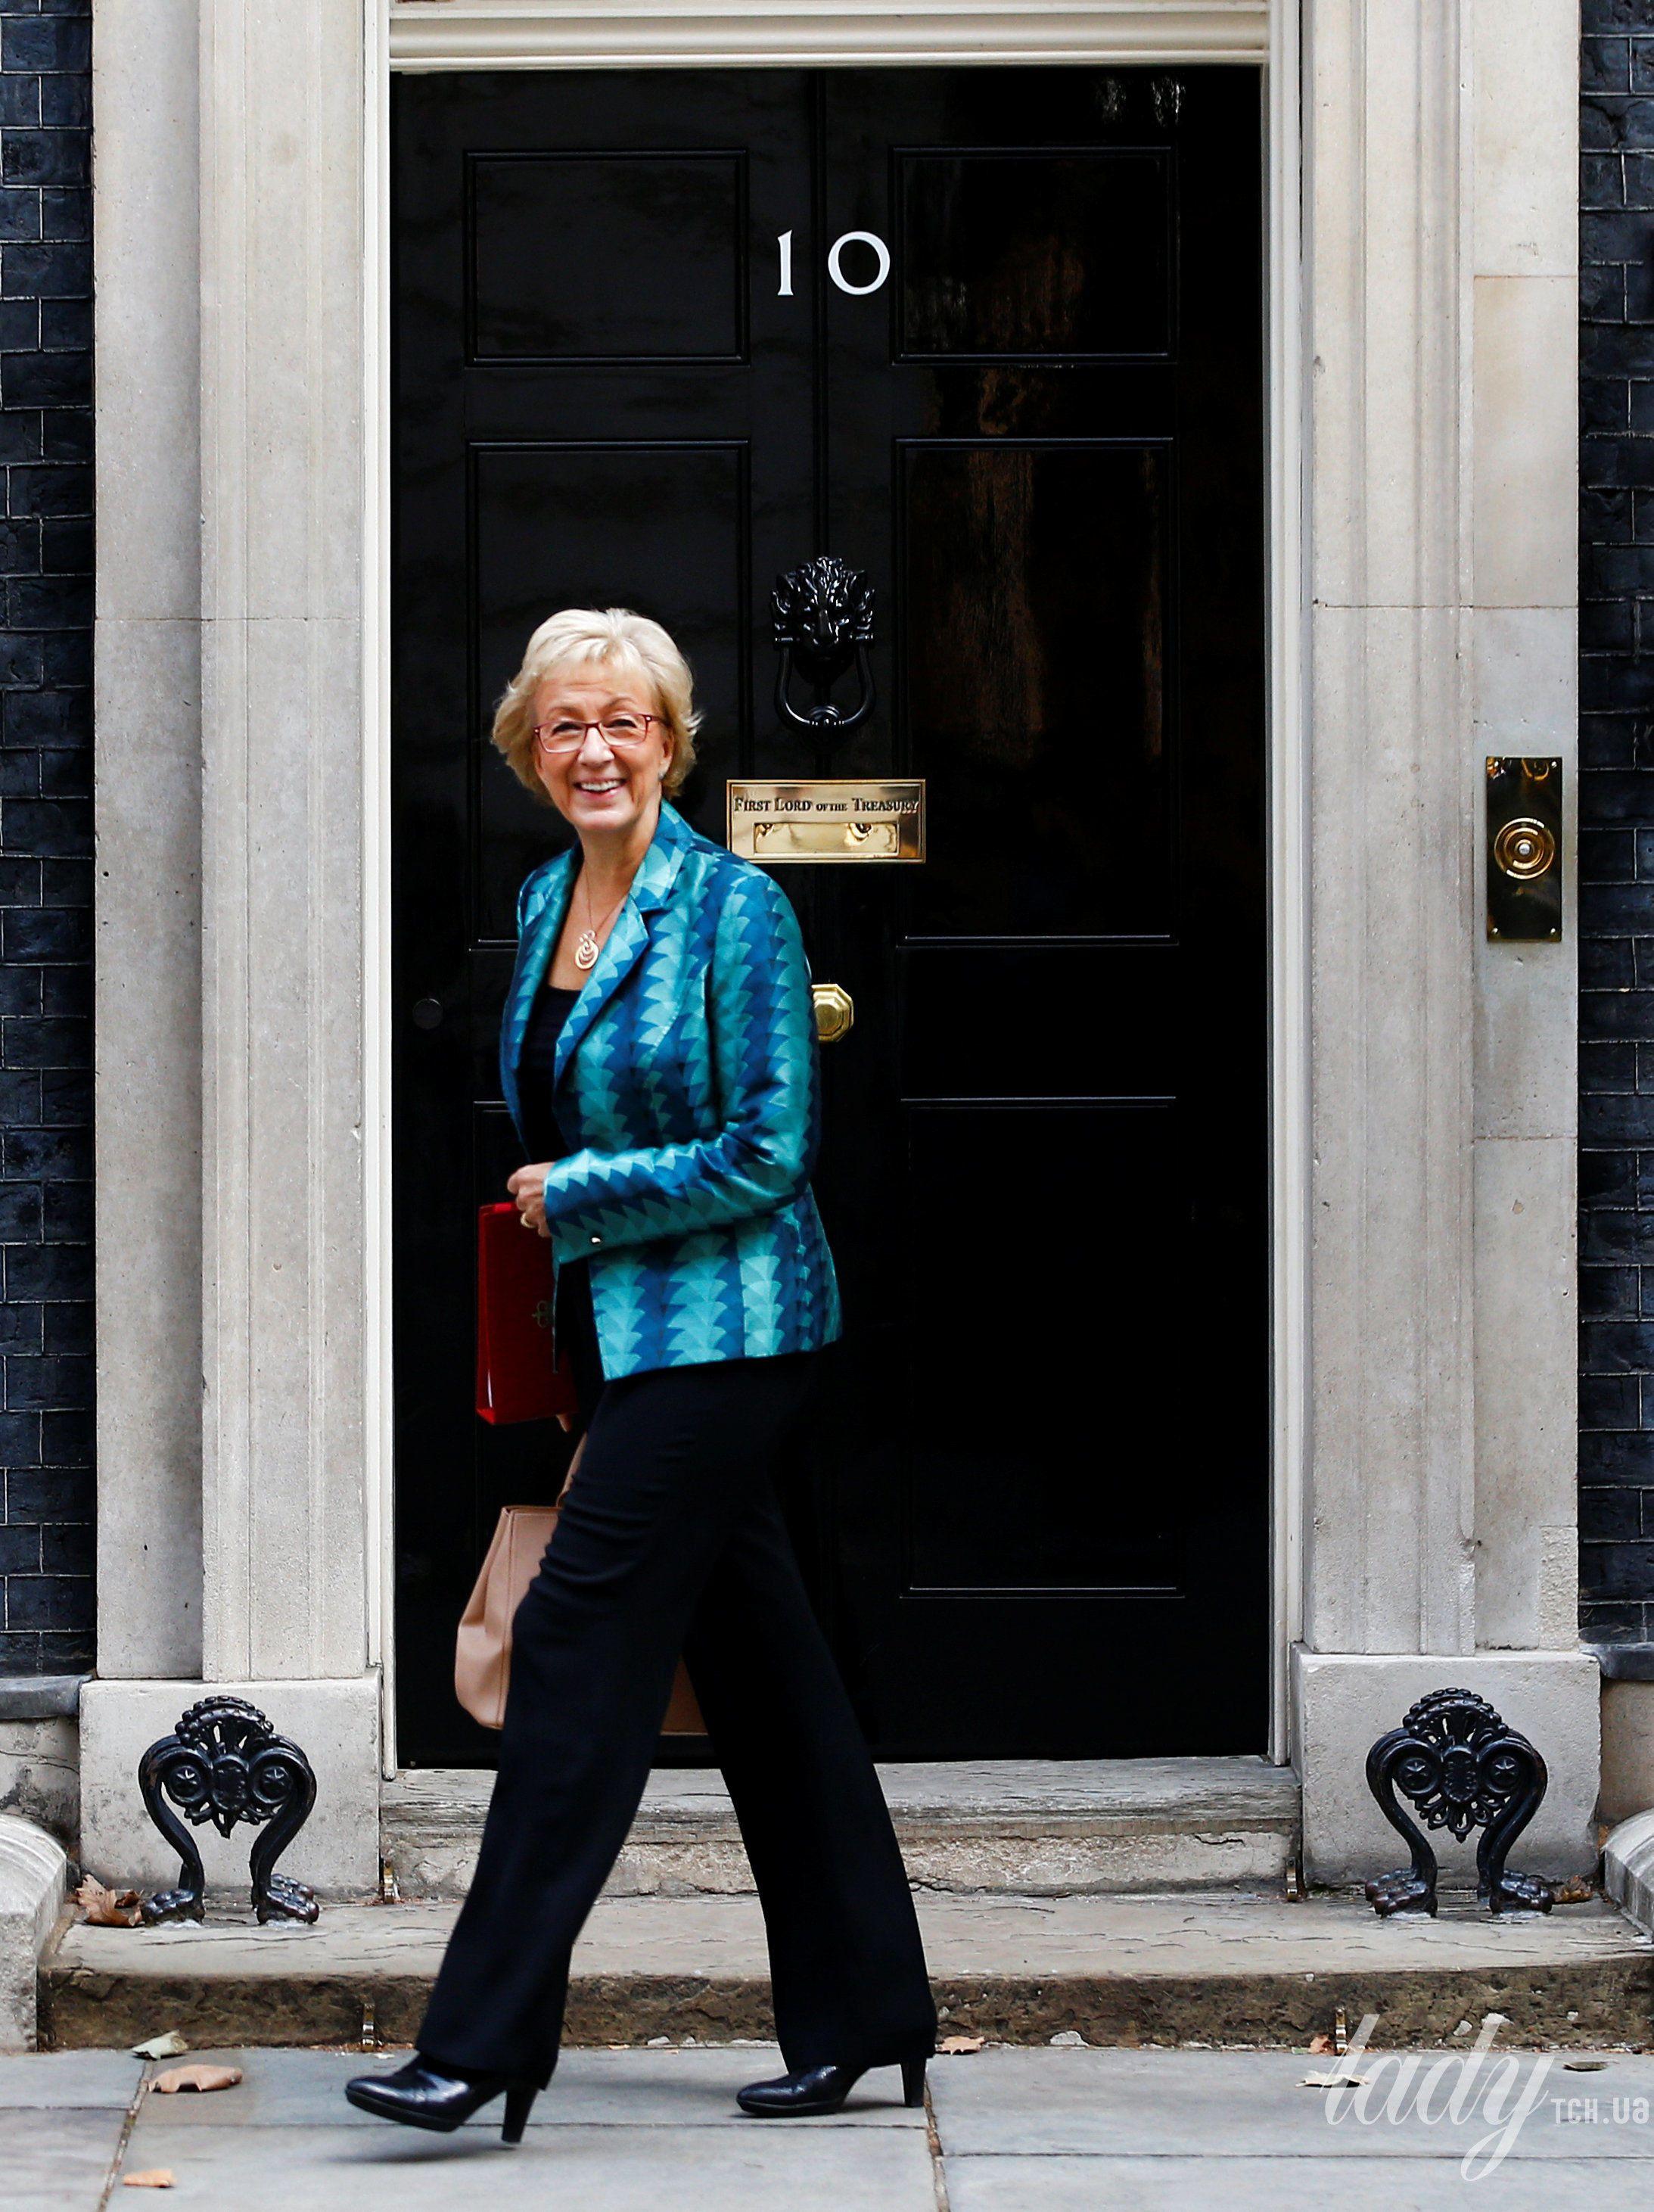 Лидер палаты общин британского парламента Андреа Лидсом_2